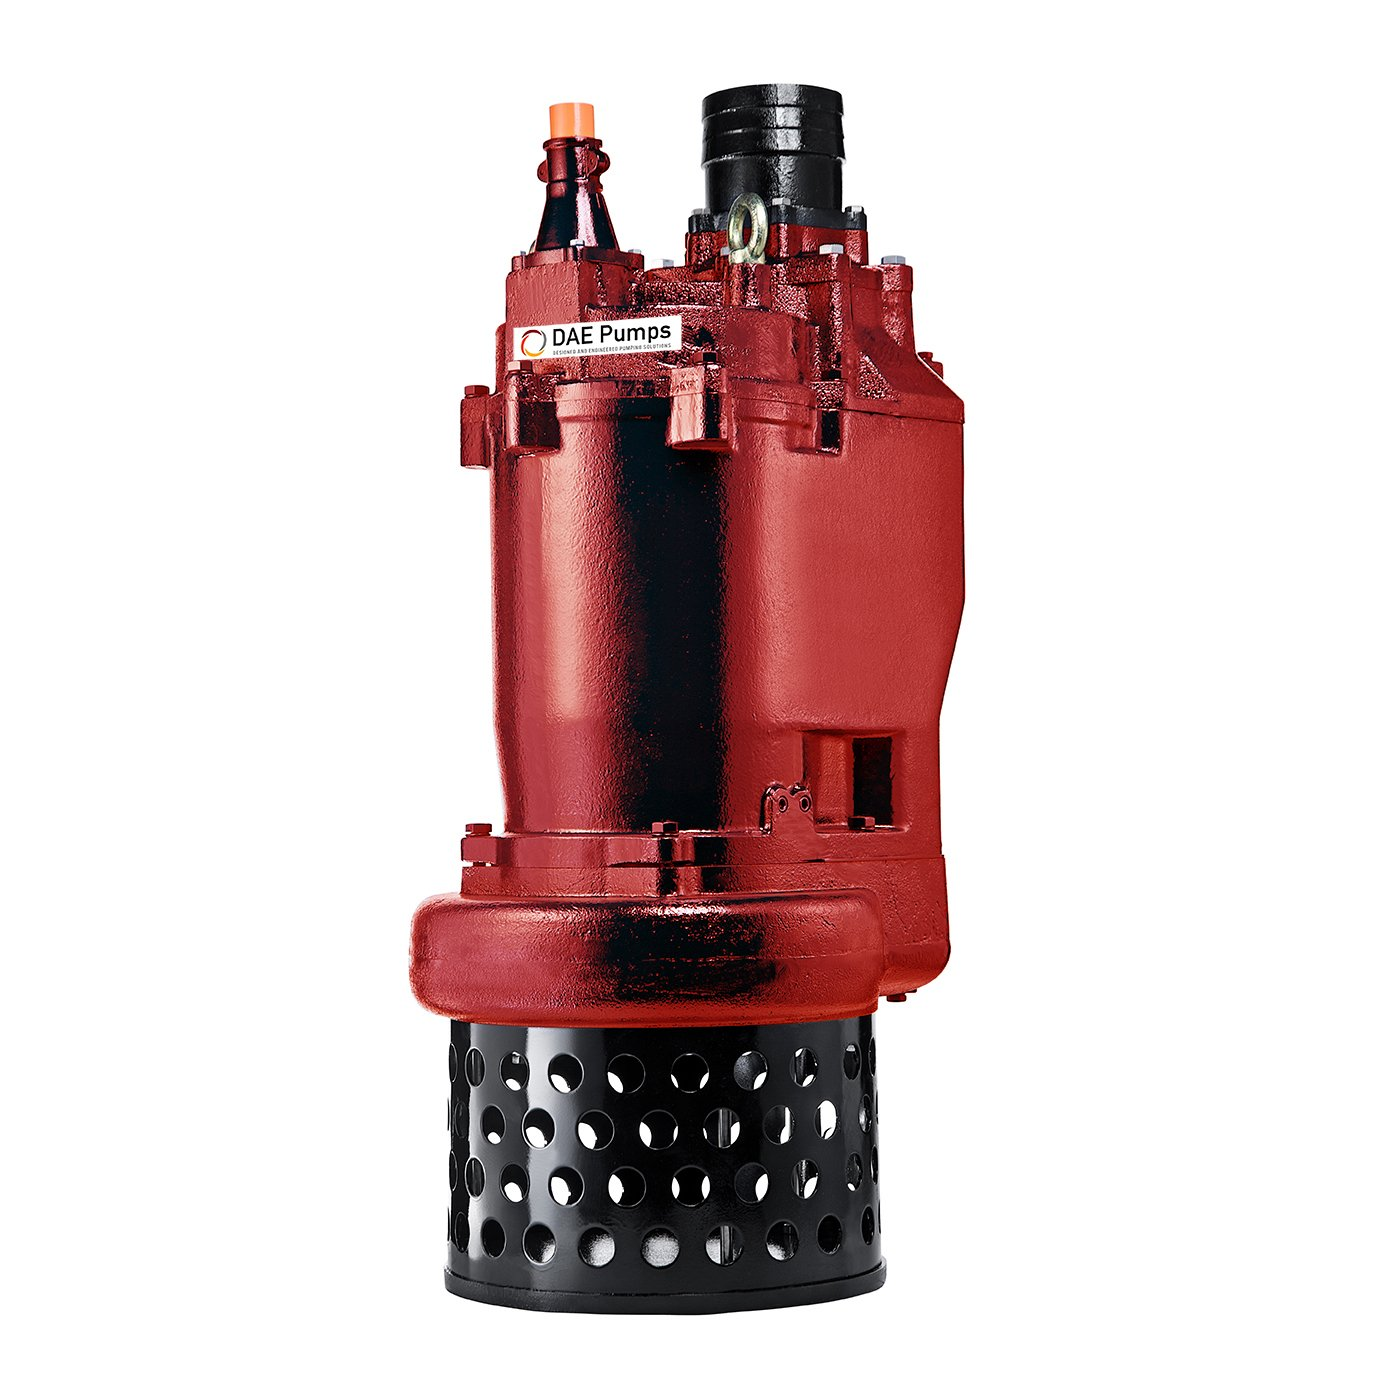 DAE Pumps 8220-S Submersible Slurry Pump